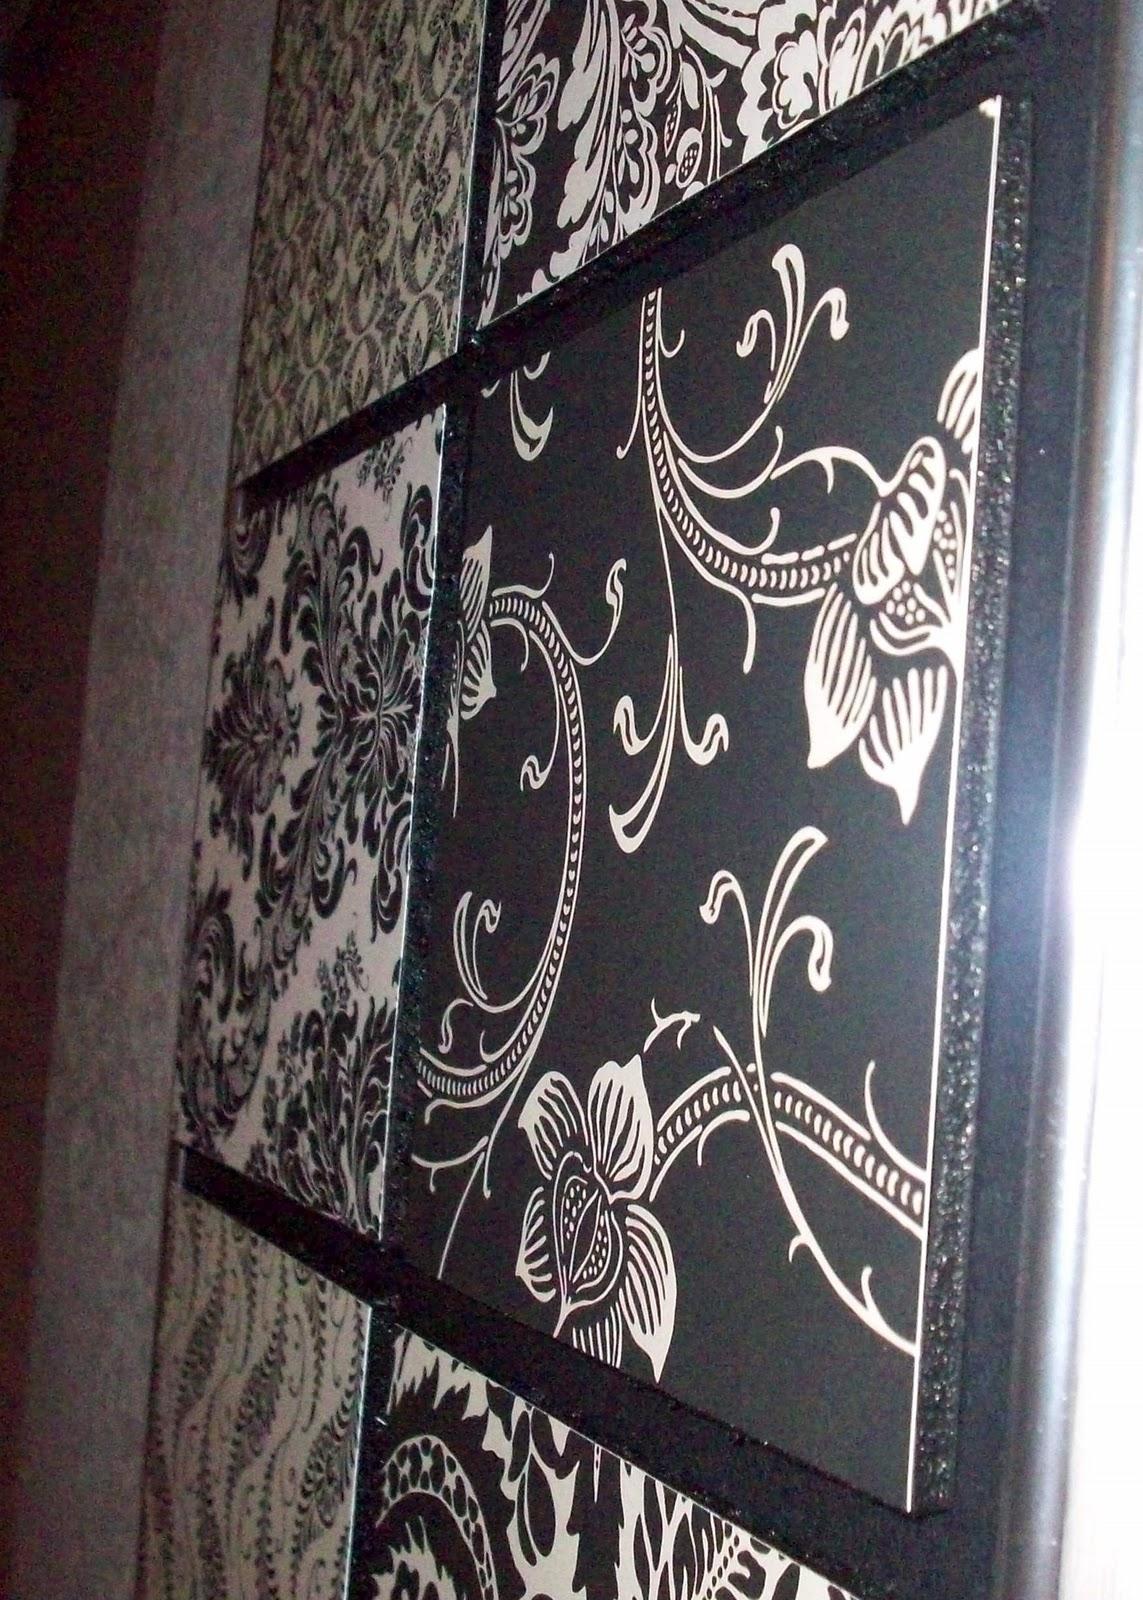 scrapbook paper 3d wall art. Black Bedroom Furniture Sets. Home Design Ideas